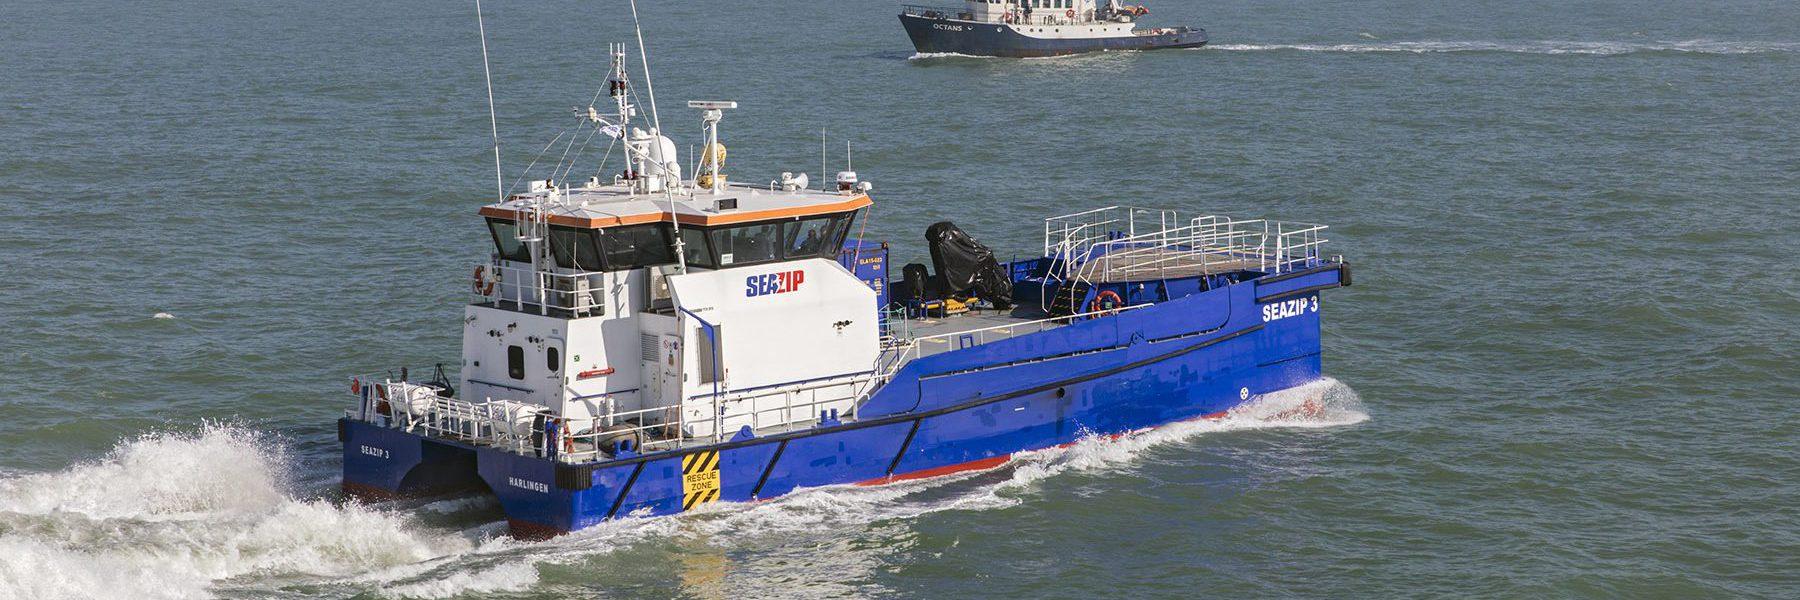 Een schip van SeaZip dat autonoom vaart over de zee. Het schip is blauw aan de onderkant en wit aan de bovenzijde.